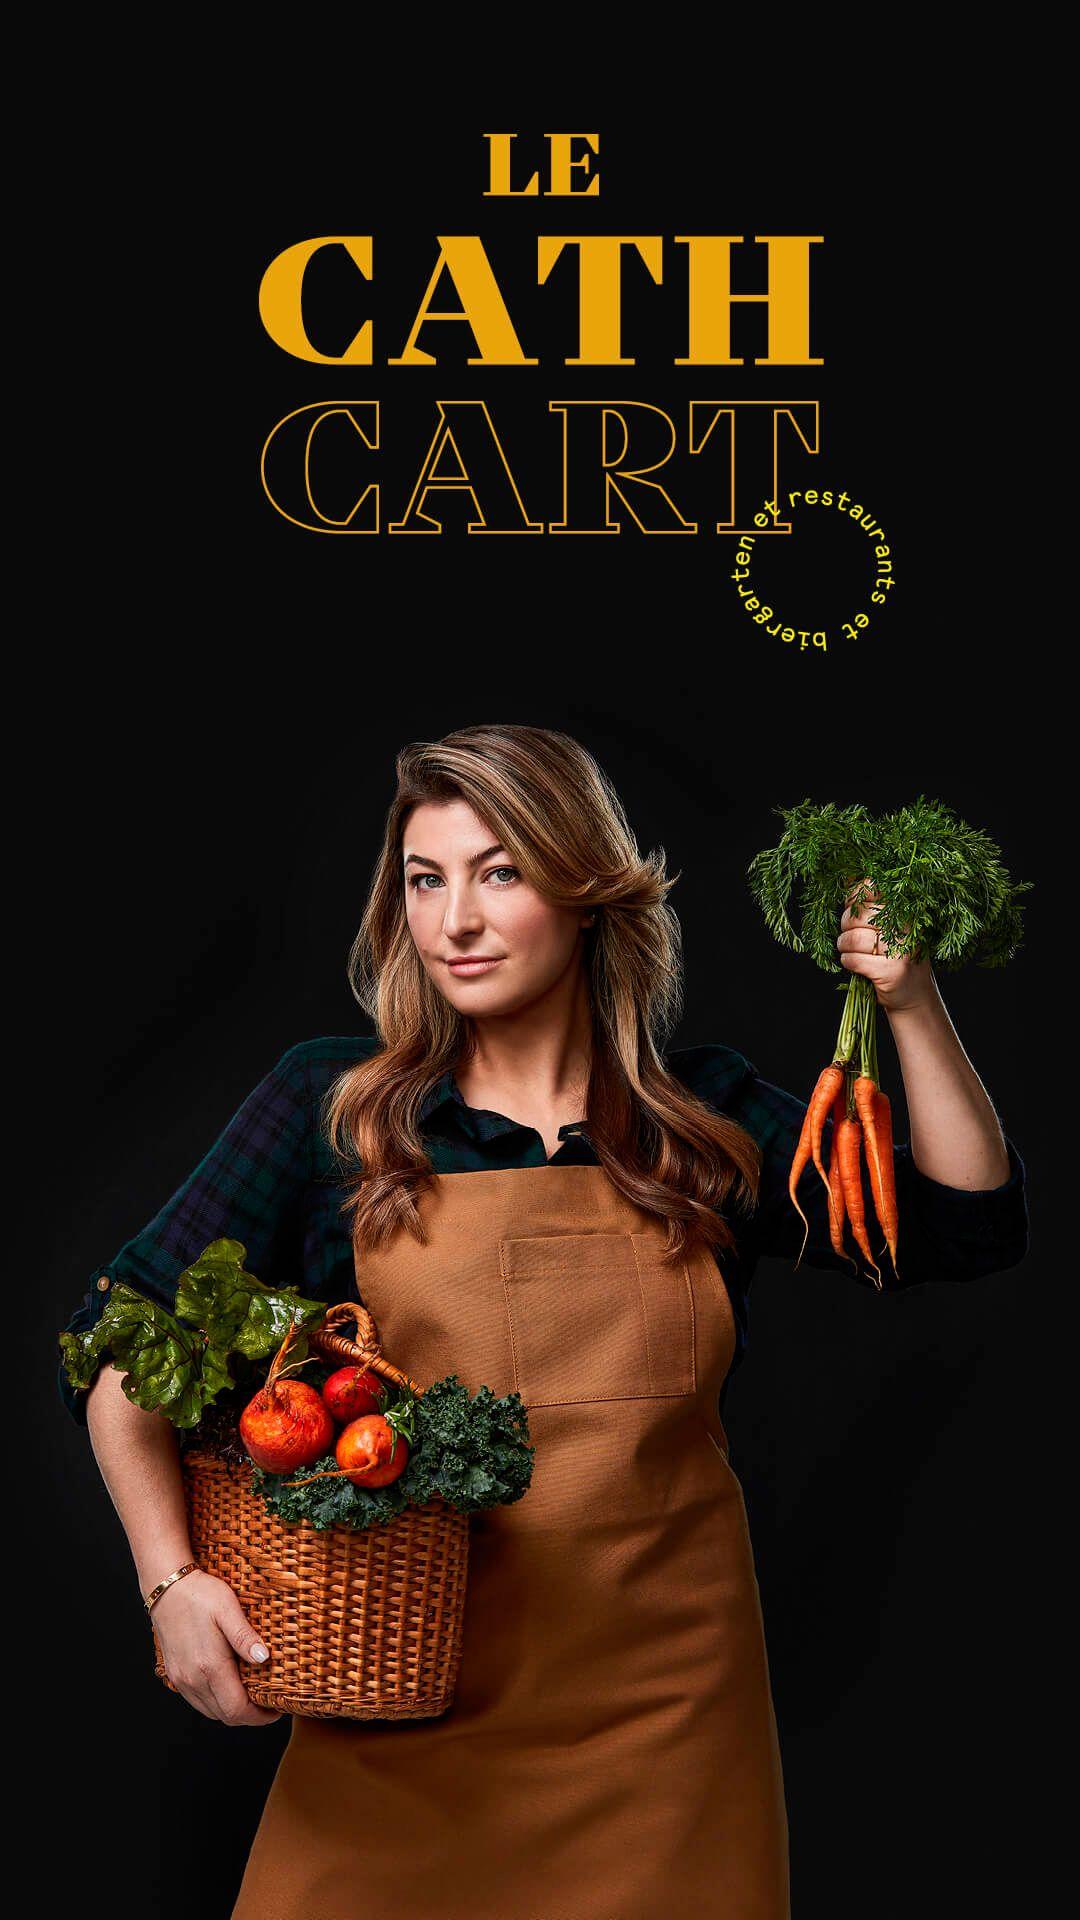 Raegan Steinberg by Jocelyn Michel for Cathcart restaurant